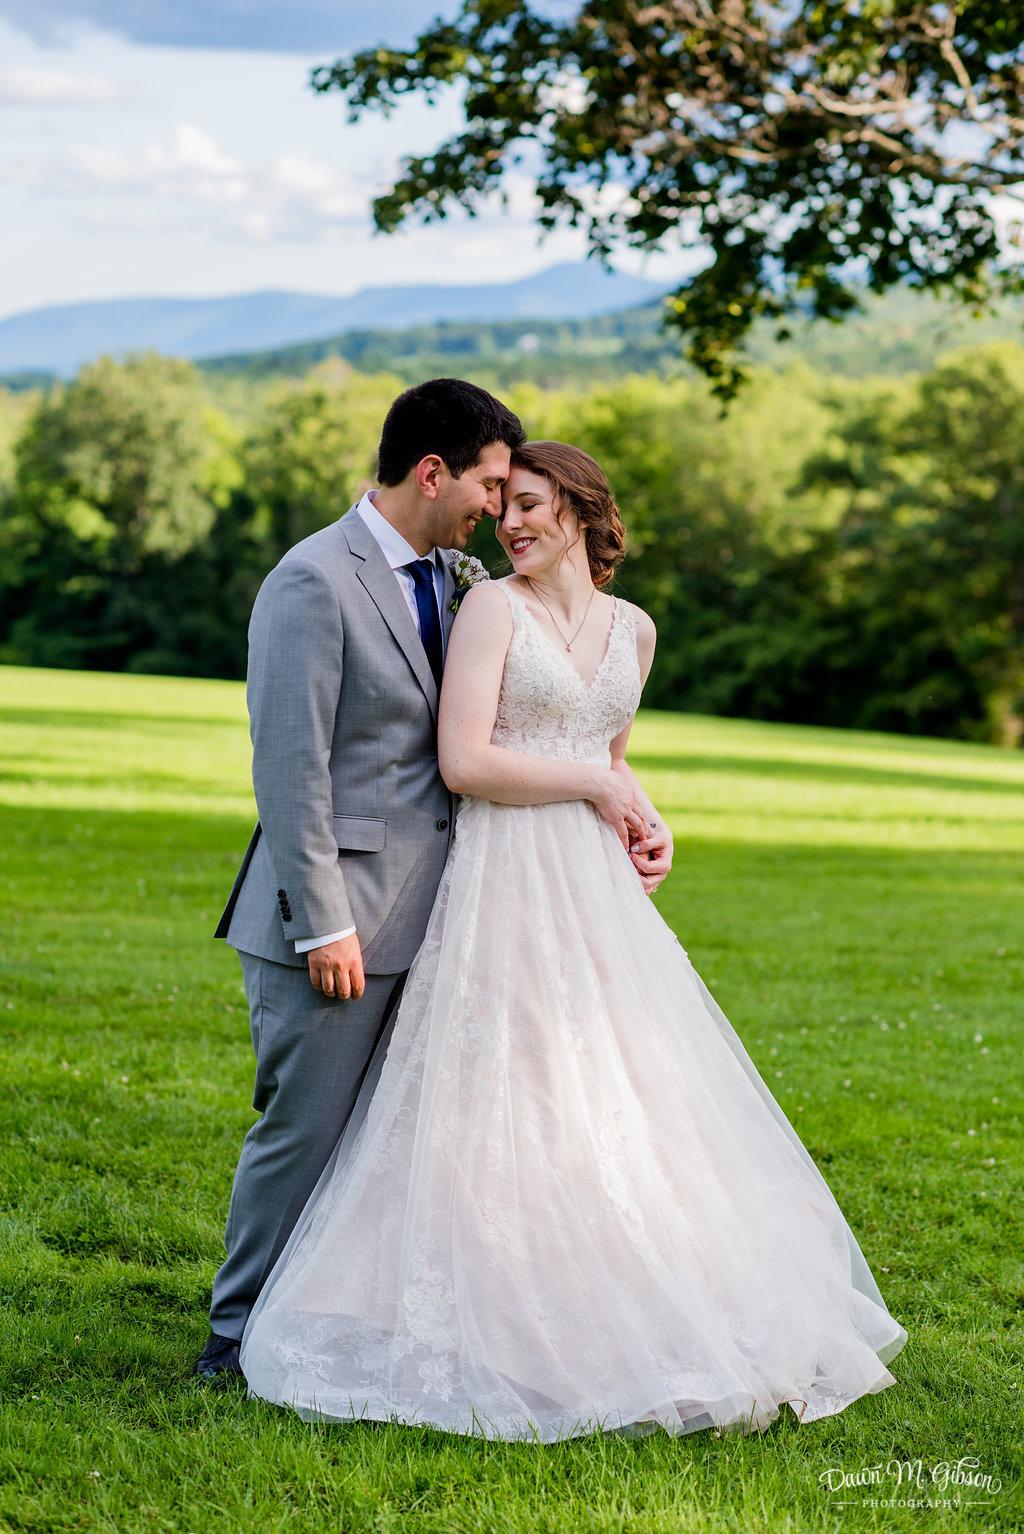 KatieAndré_Wedding_DMGP_702